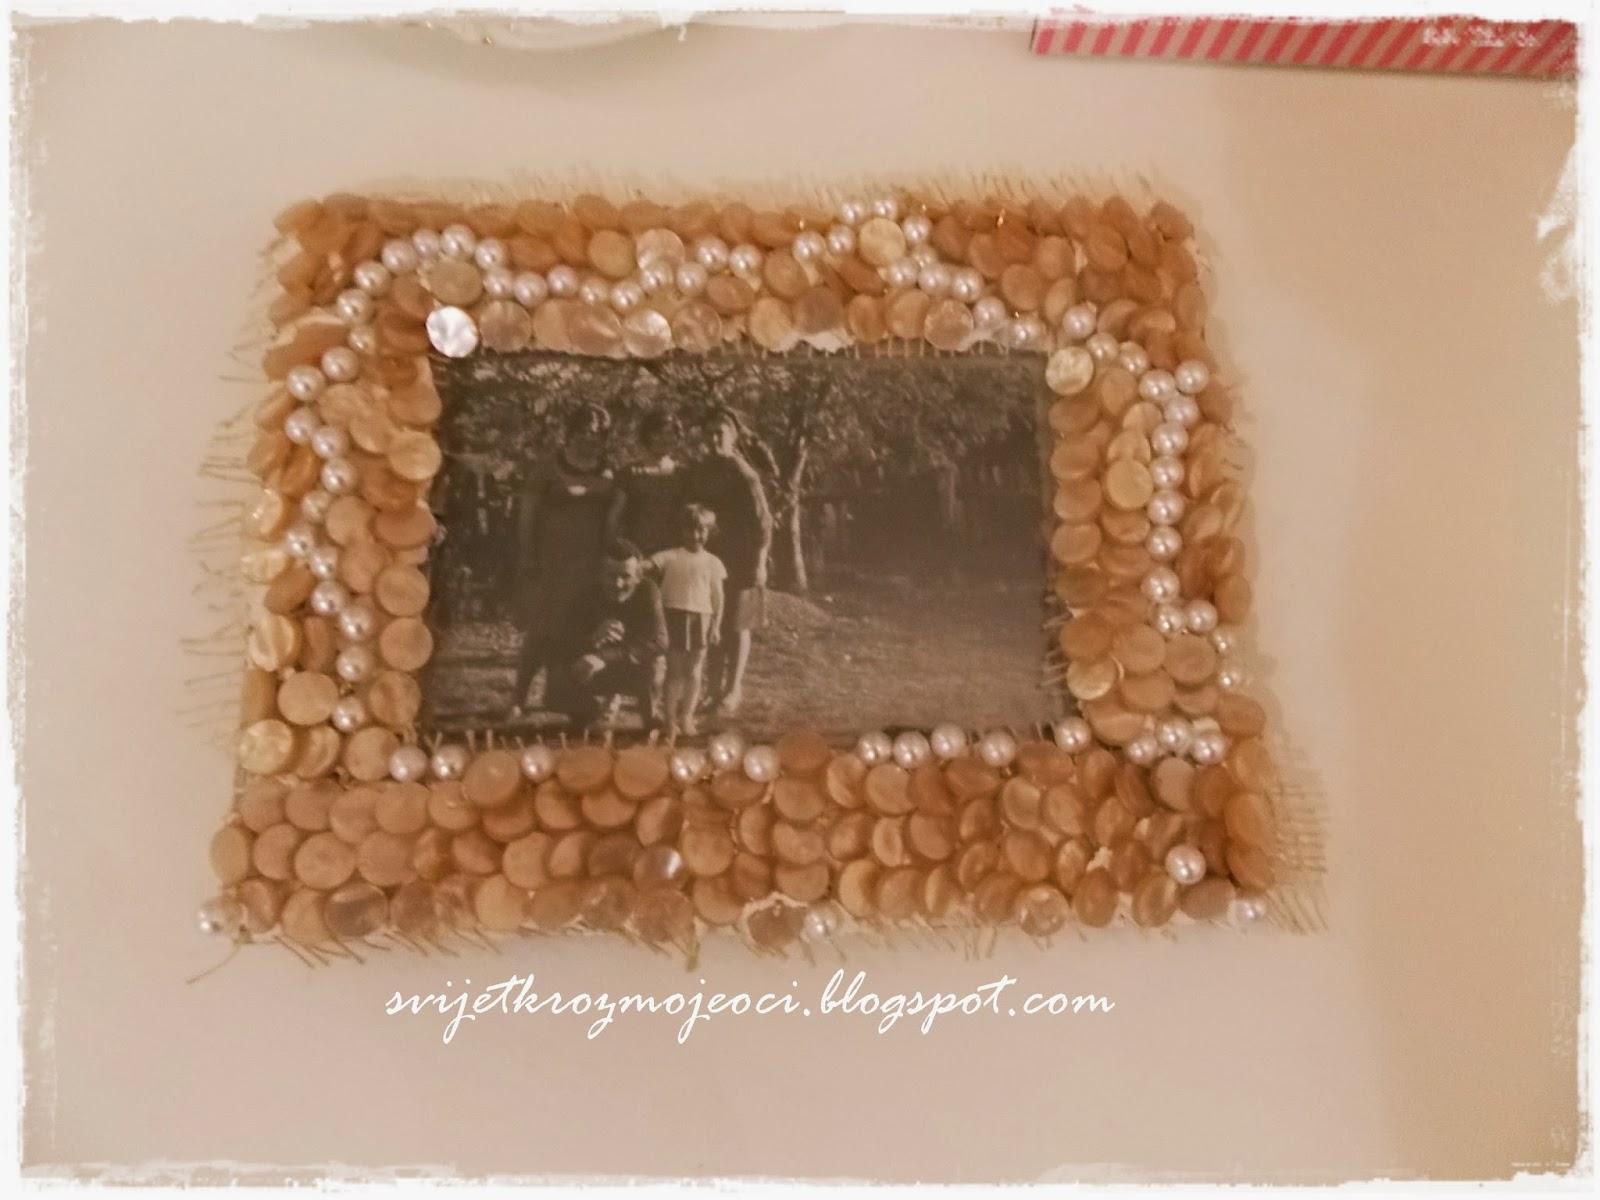 Svijet kroz moje oči - Vintage: Uradi sam okvir za slike